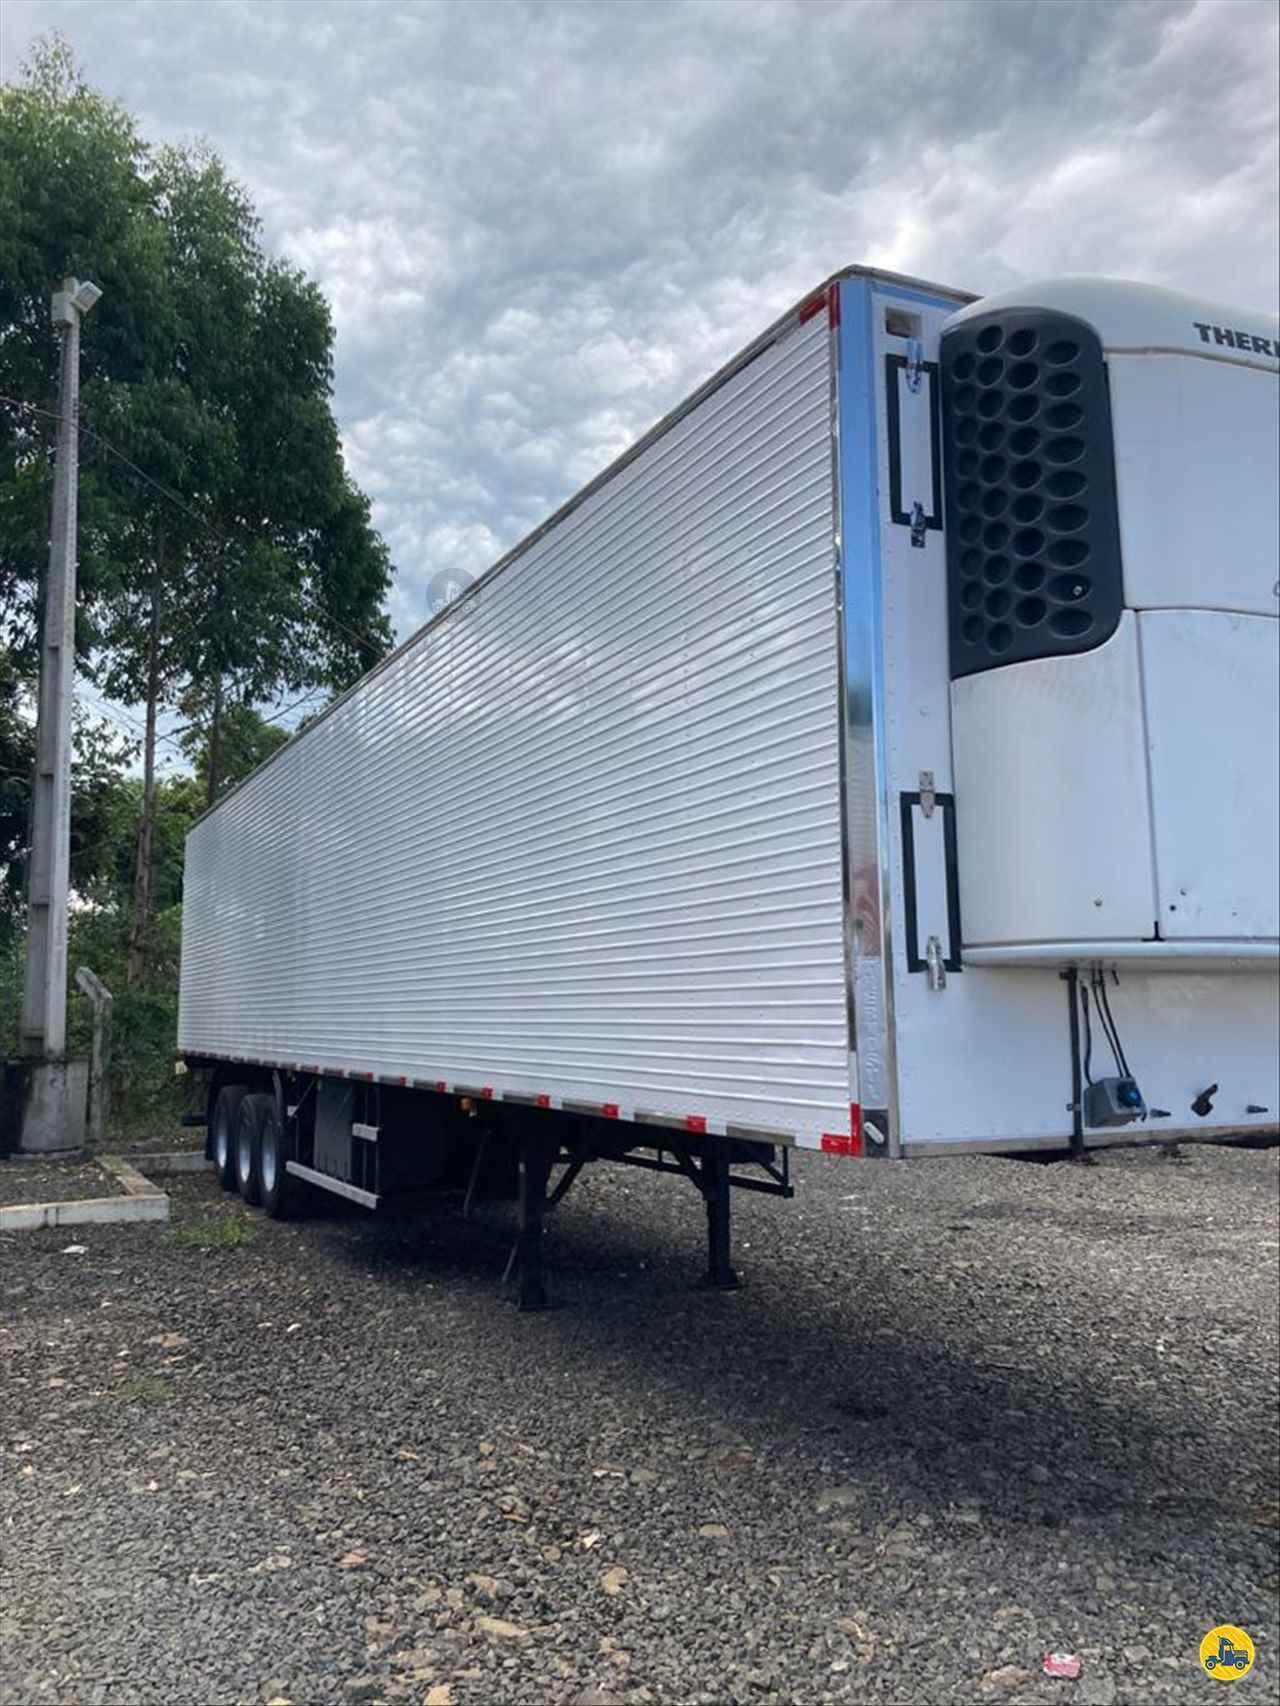 CARRETA SEMI-REBOQUE FRIGORIFICO Transmap Caminhões SANTA ROSA RIO GRANDE DO SUL RS